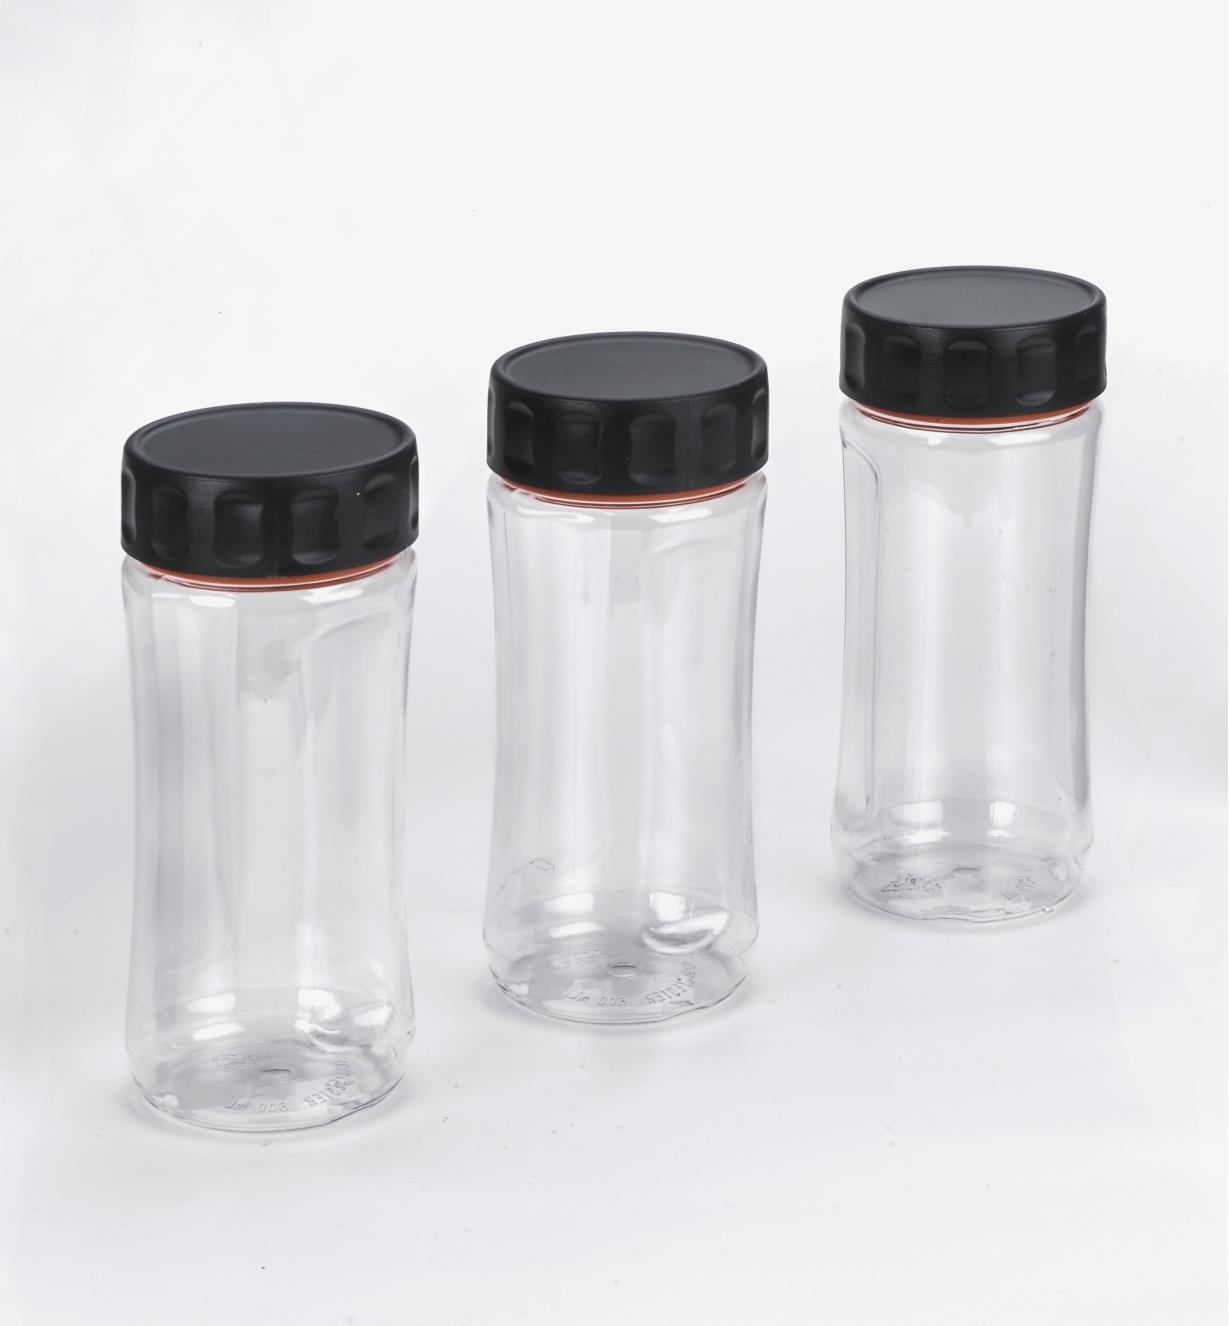 09A5360 - Lot de 3 bocaux Durajar 600 ml, transparent